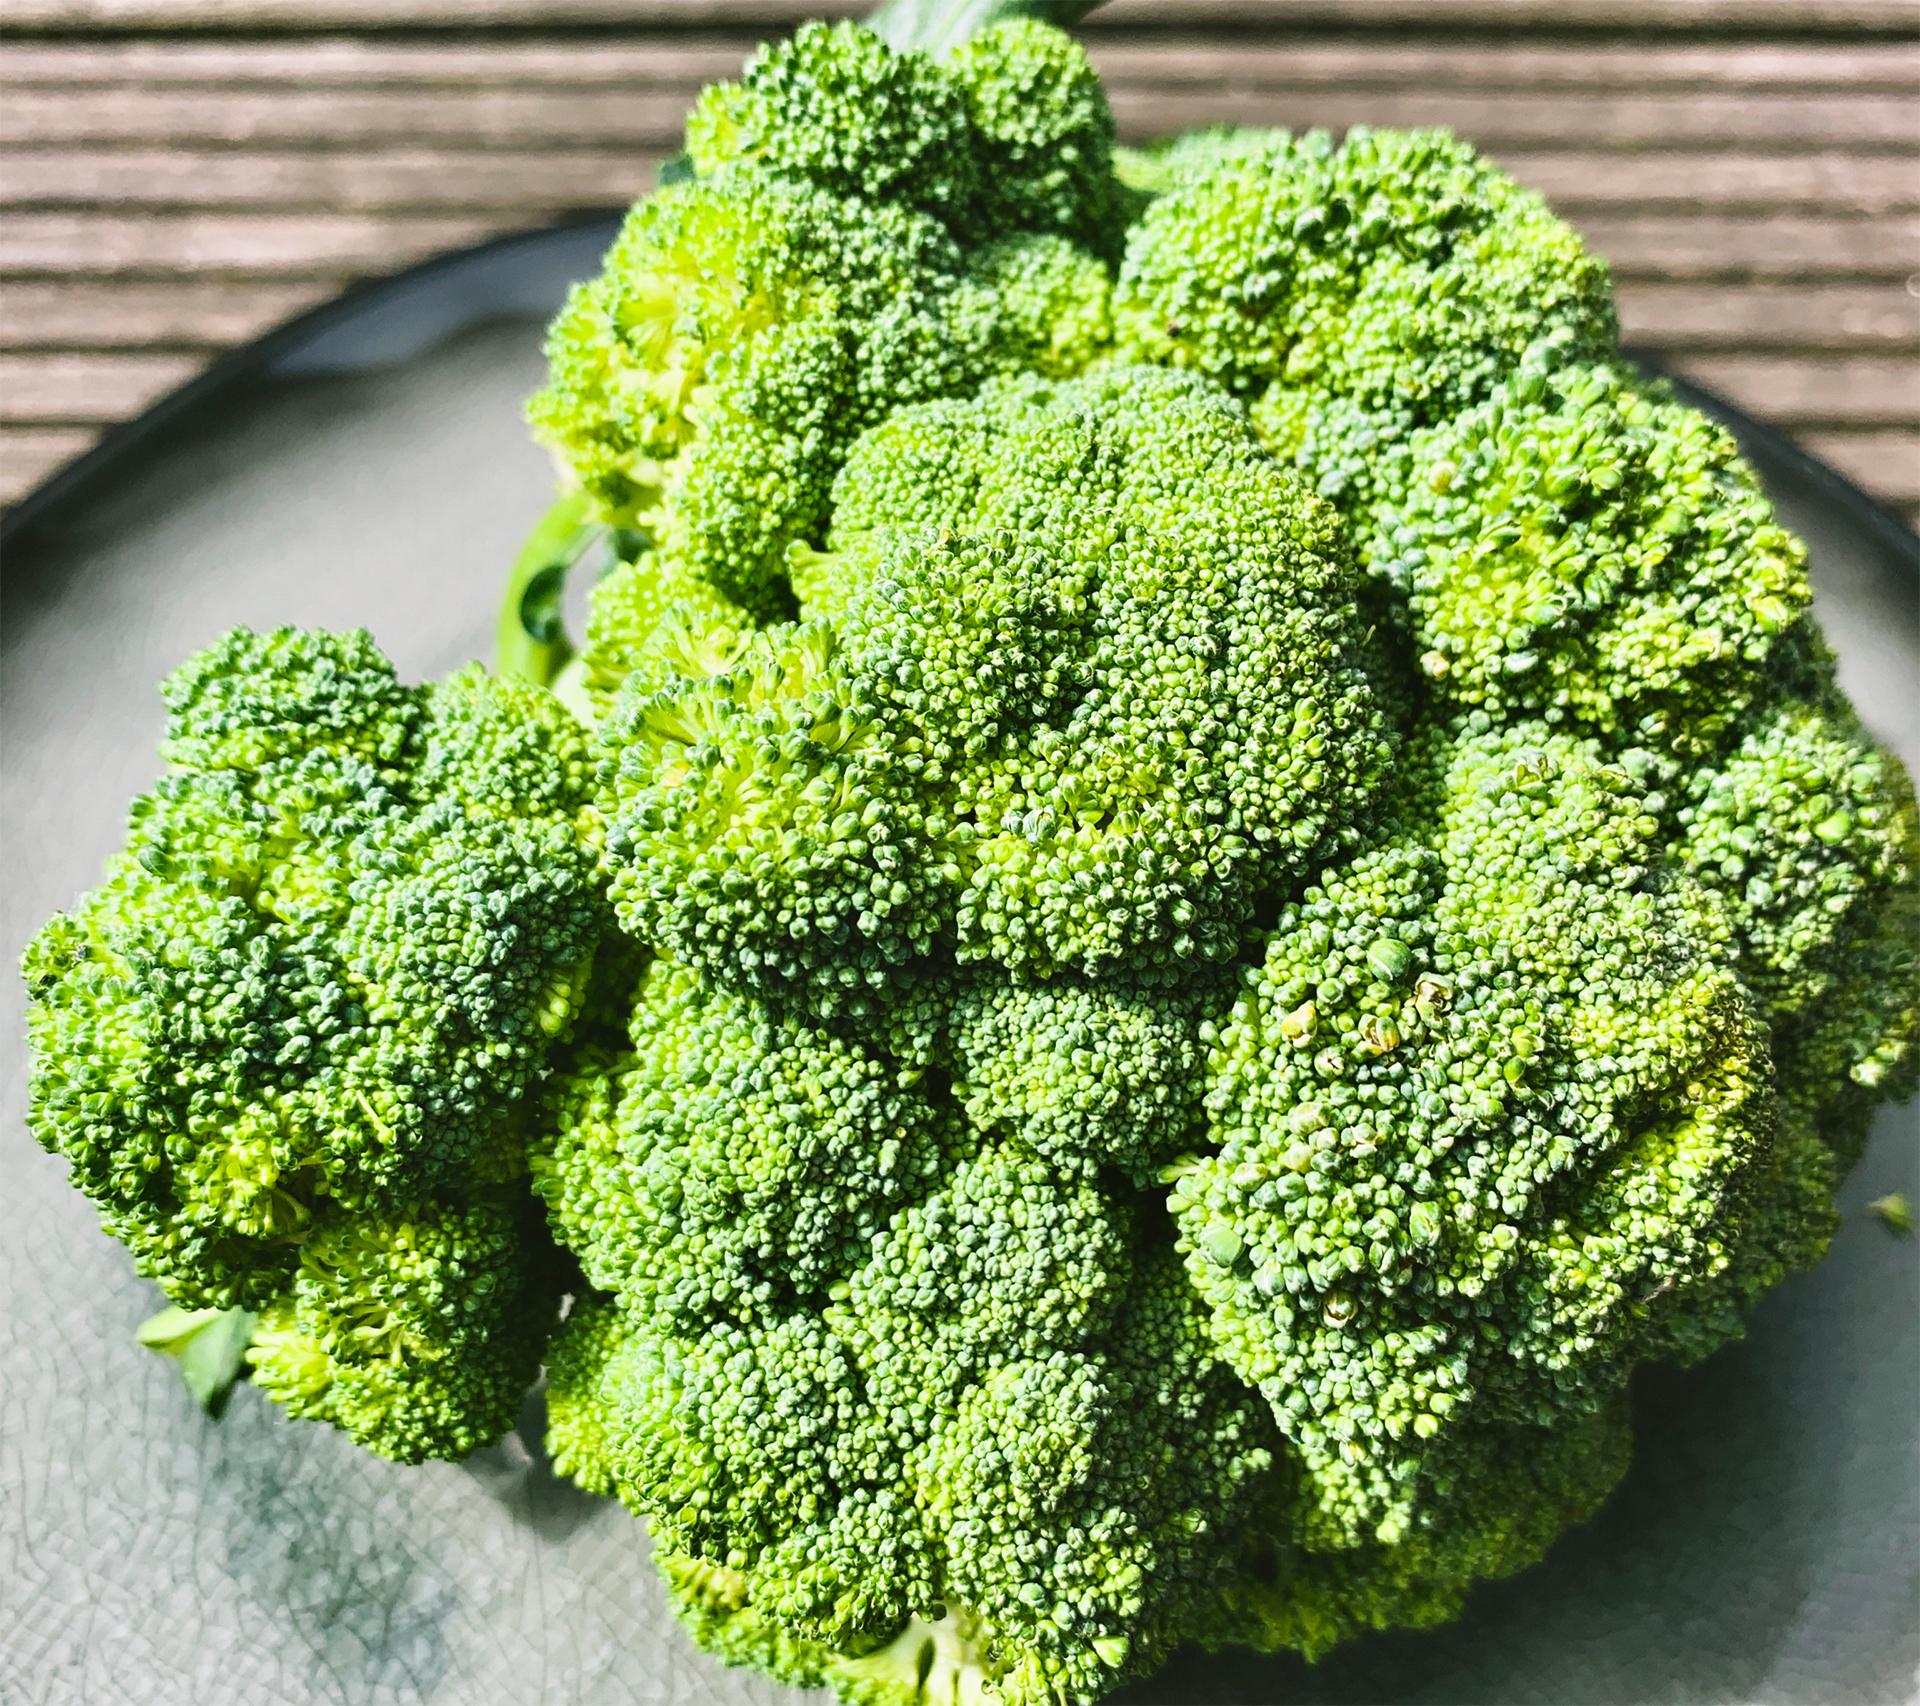 Broccoli unterstützen das Immunsystem